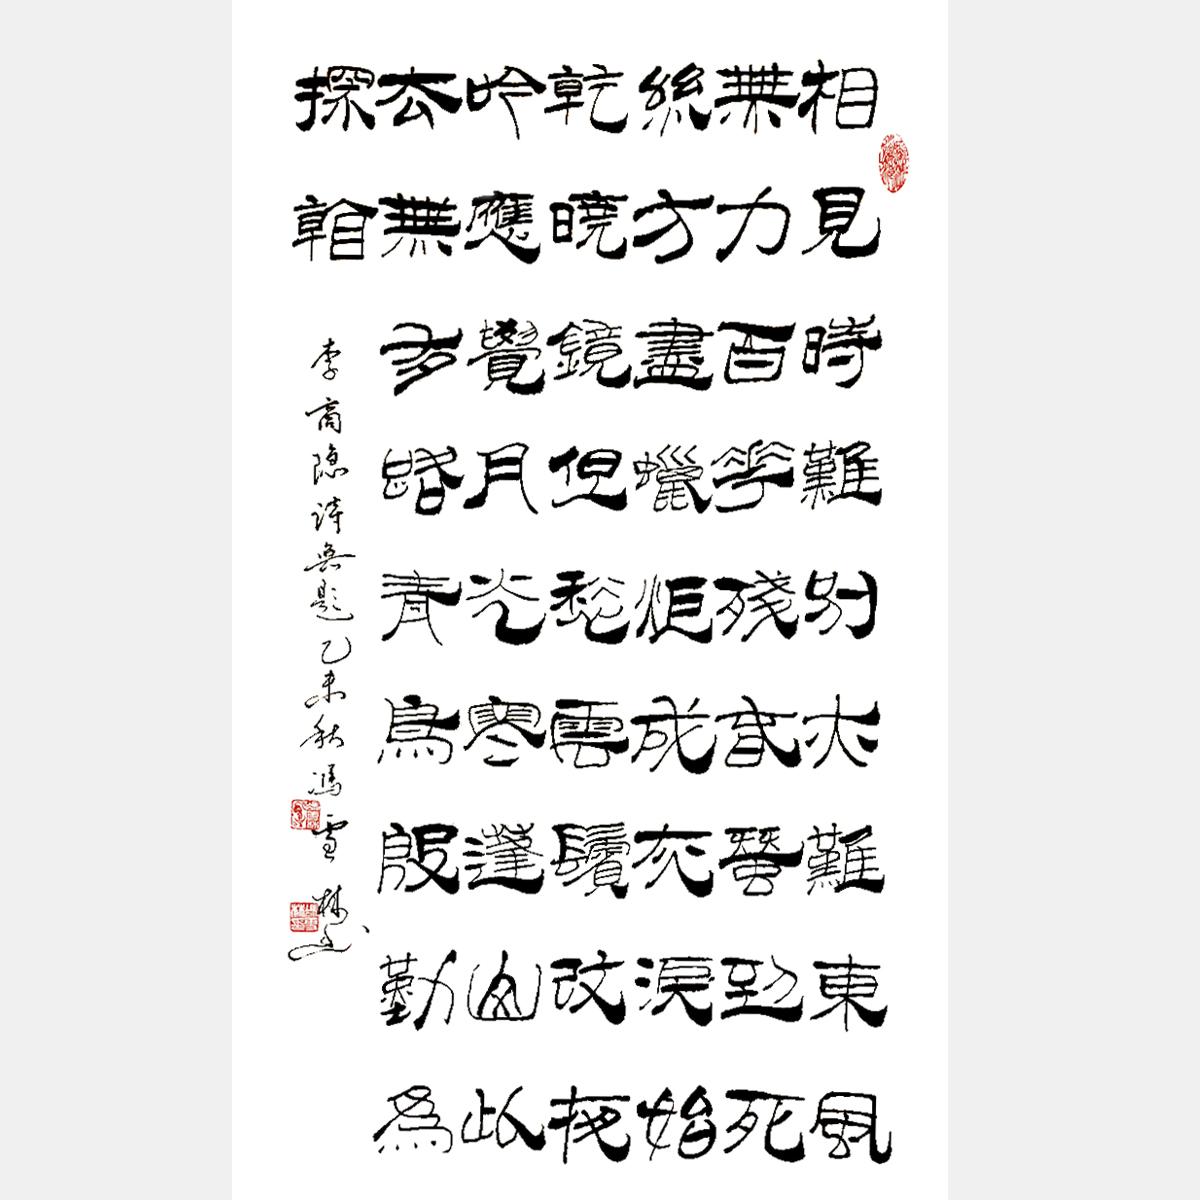 冯雪林篆书 李商隐《无题·相见时难别亦难》 七言律诗 竖幅